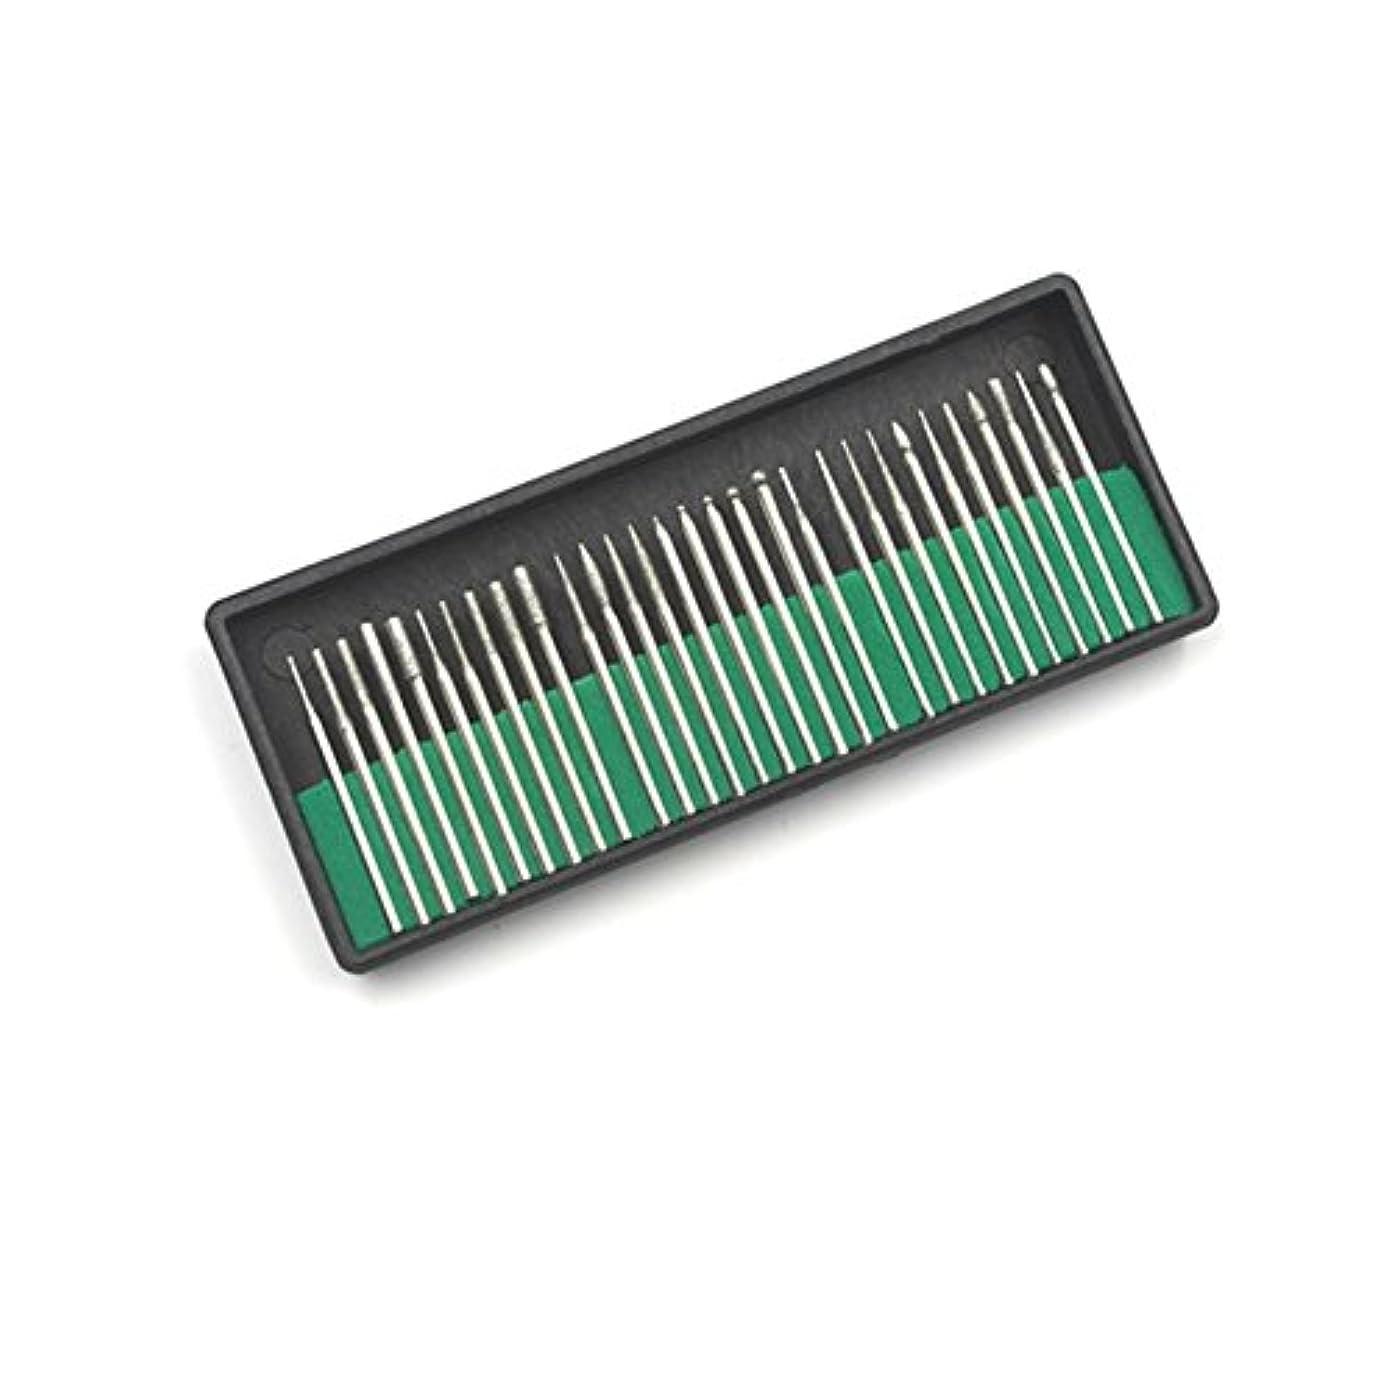 肺アパルさわやか(ウォームガール)Warm Girl 30 Bits 電動 ドリルサンドバンド ネイルツール ネイルアート ネイルデザイン